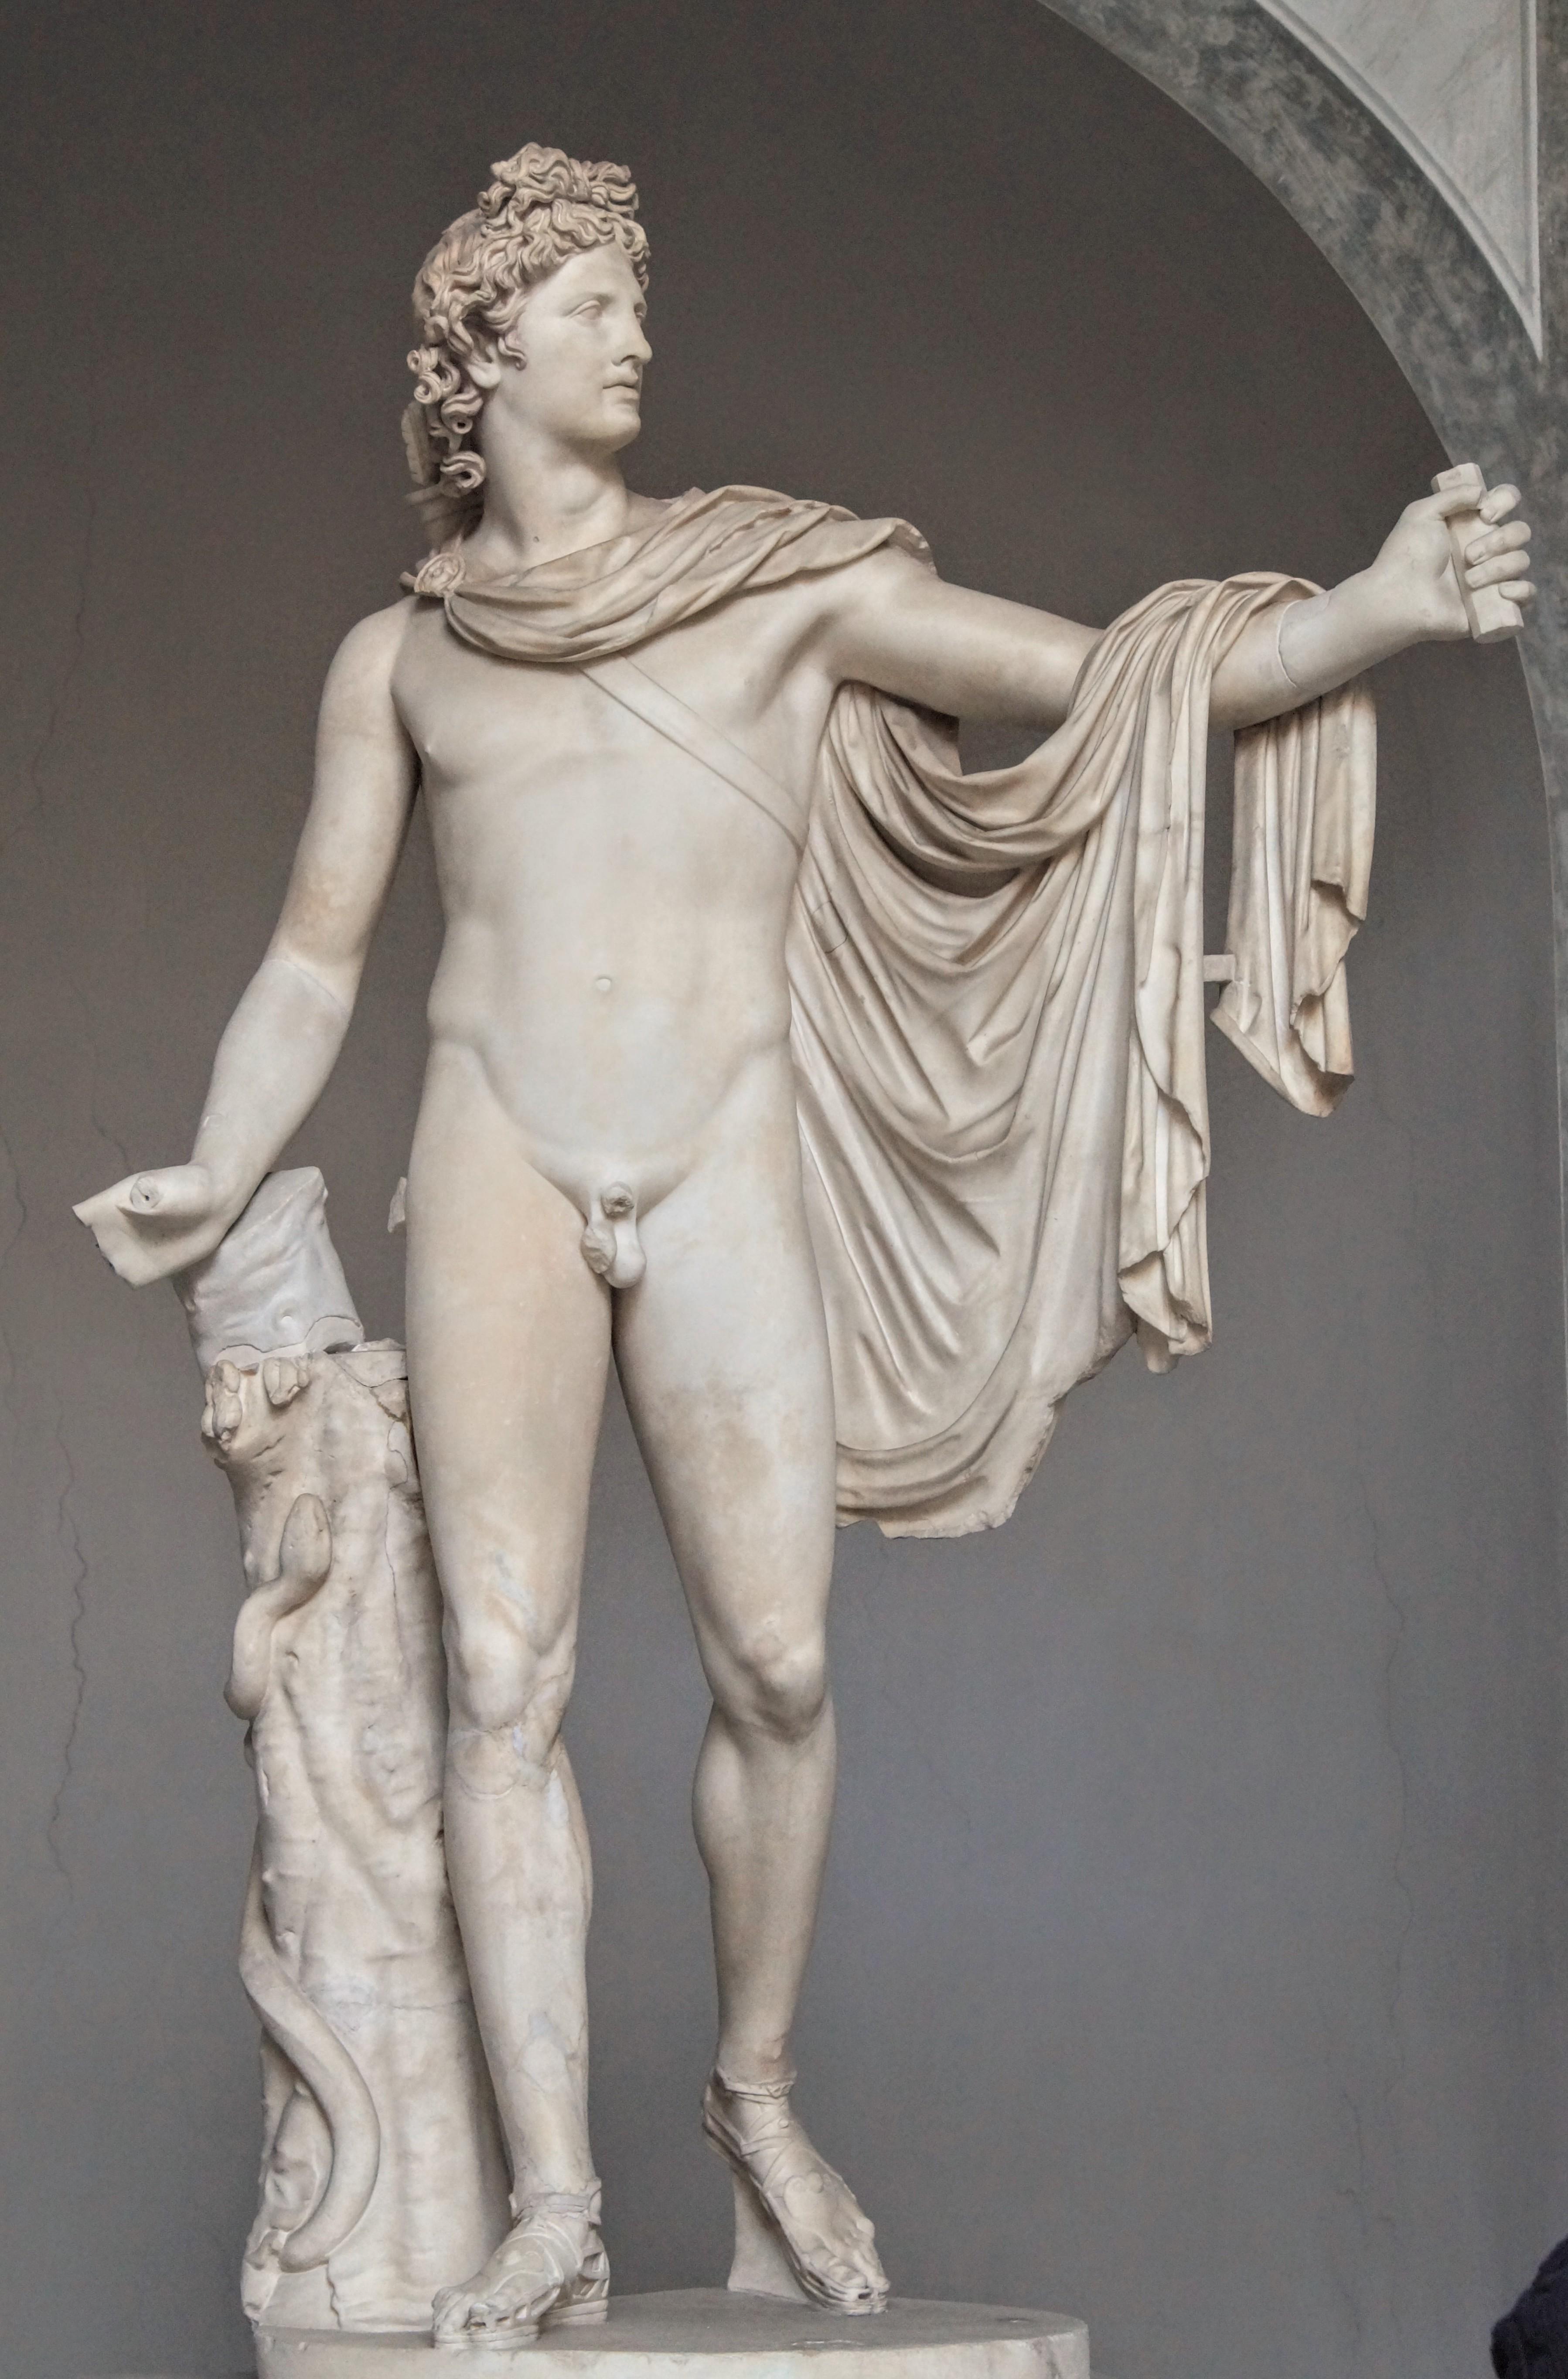 Ο Απόλλωνας του Μπελβεντέρε στην Αυλή του Μπελβεντέρε ( Φωρογραφία Νίκος Πράσσος )